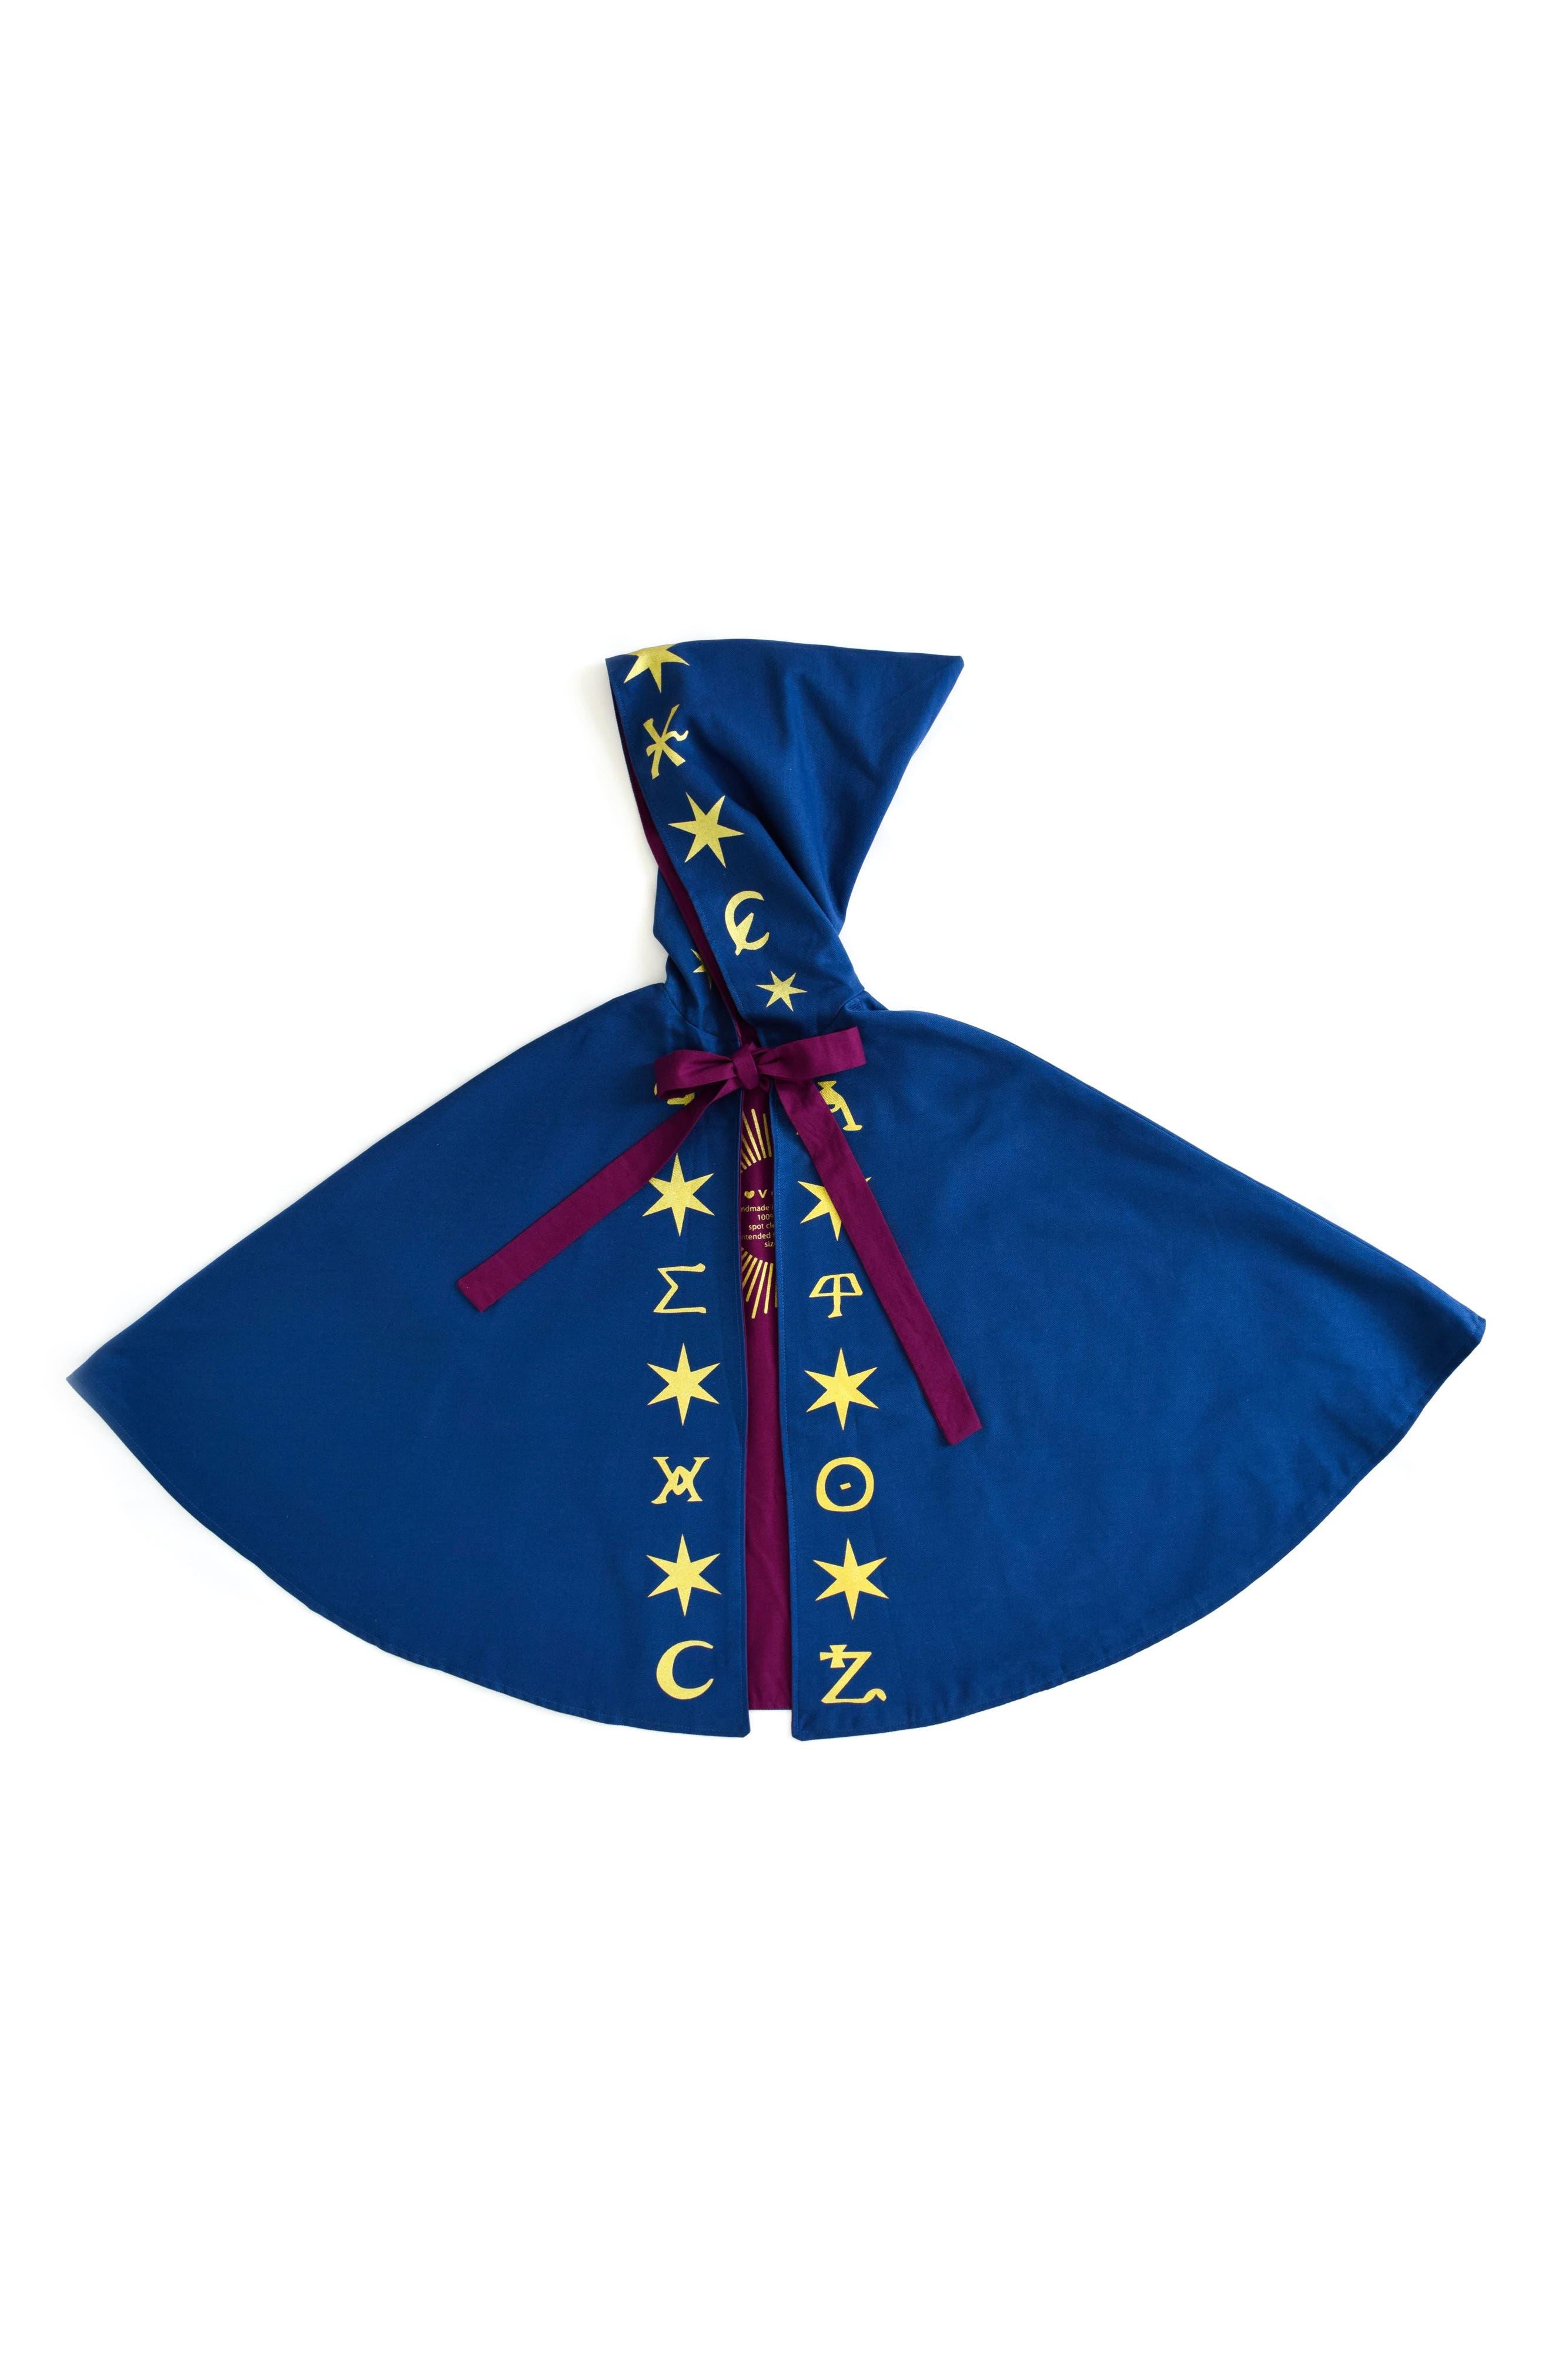 Wizard Cloak,                         Main,                         color, 410